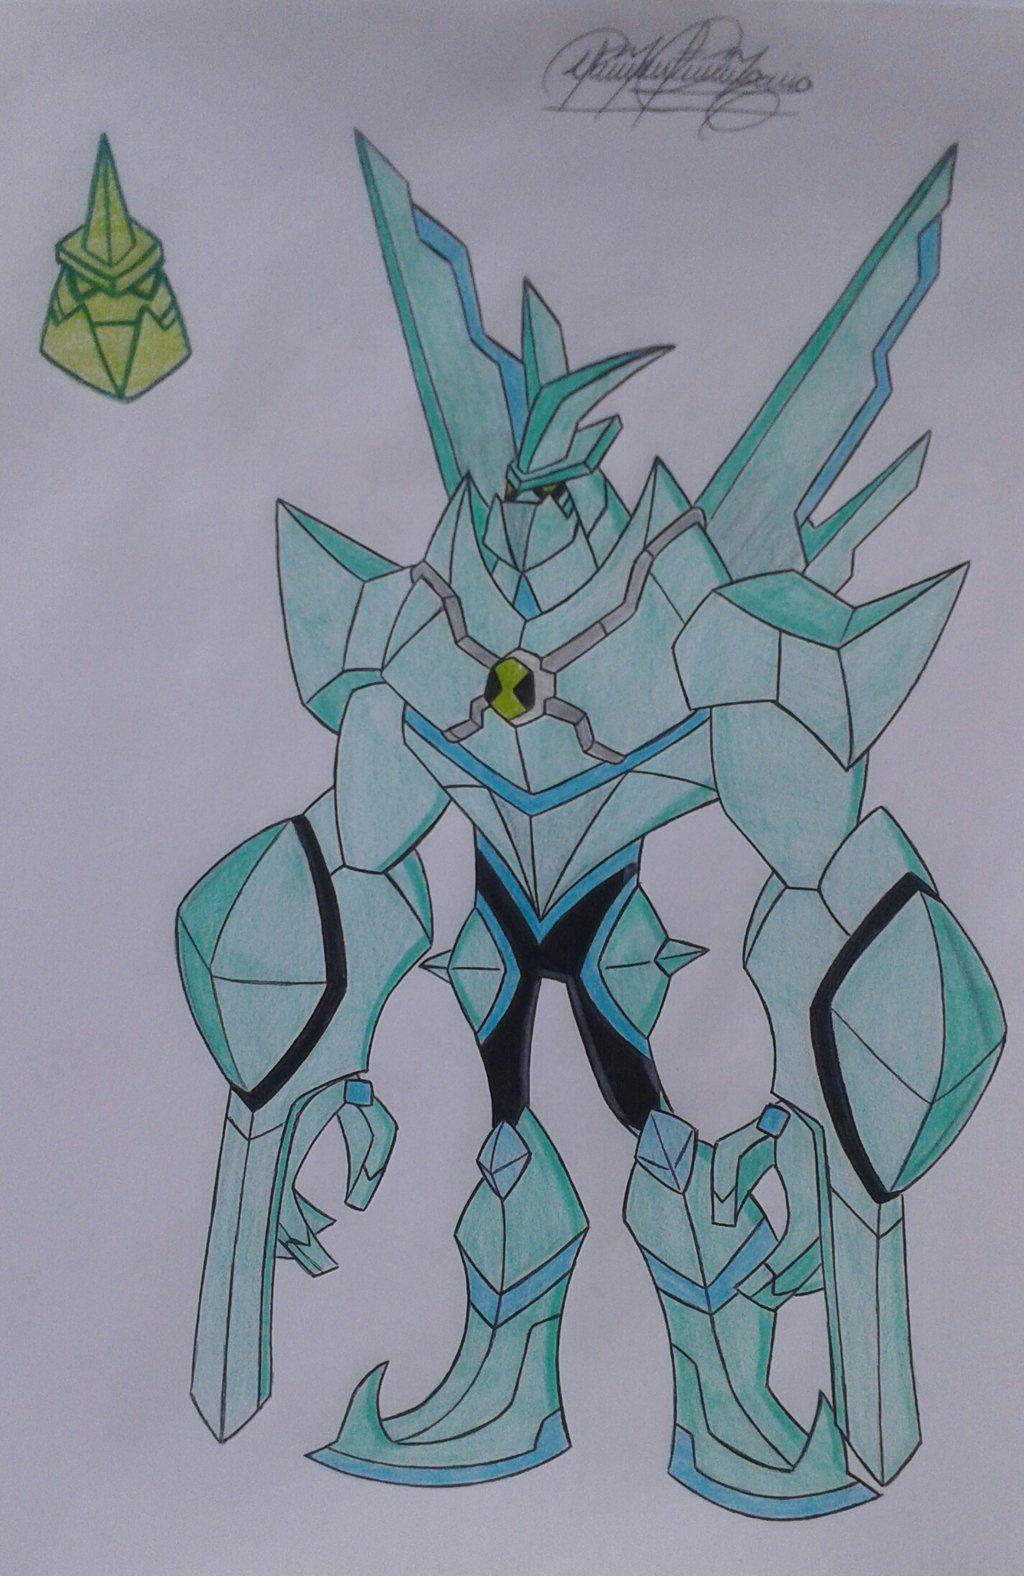 Ultimate Diamond By Artmachband196 Ben 10 Ben 10 Alien Force Ben 10 Party